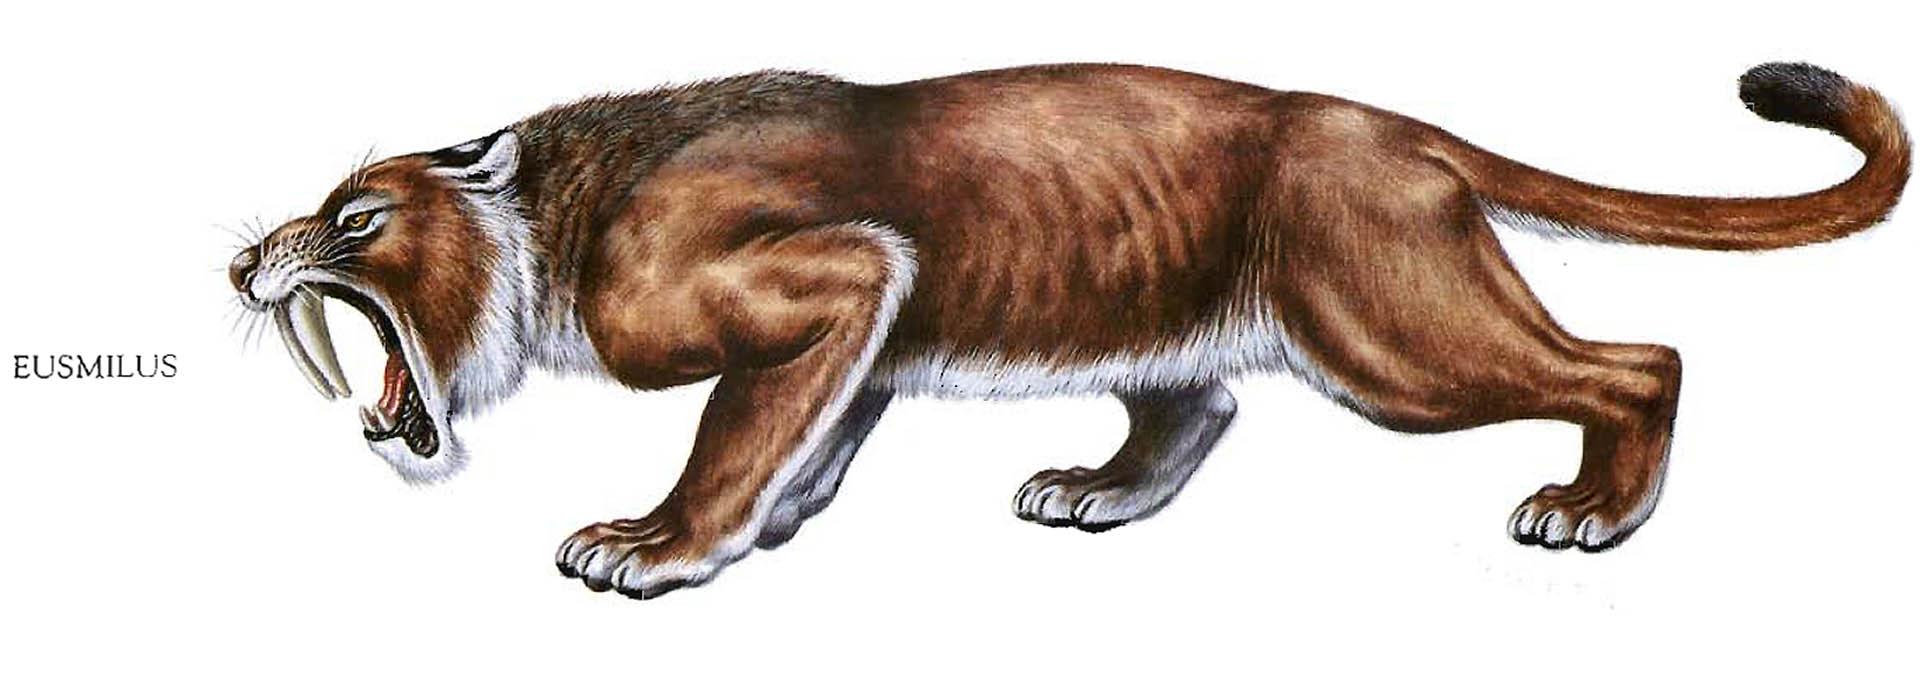 Eusmilus Sabre Toothed Tiger